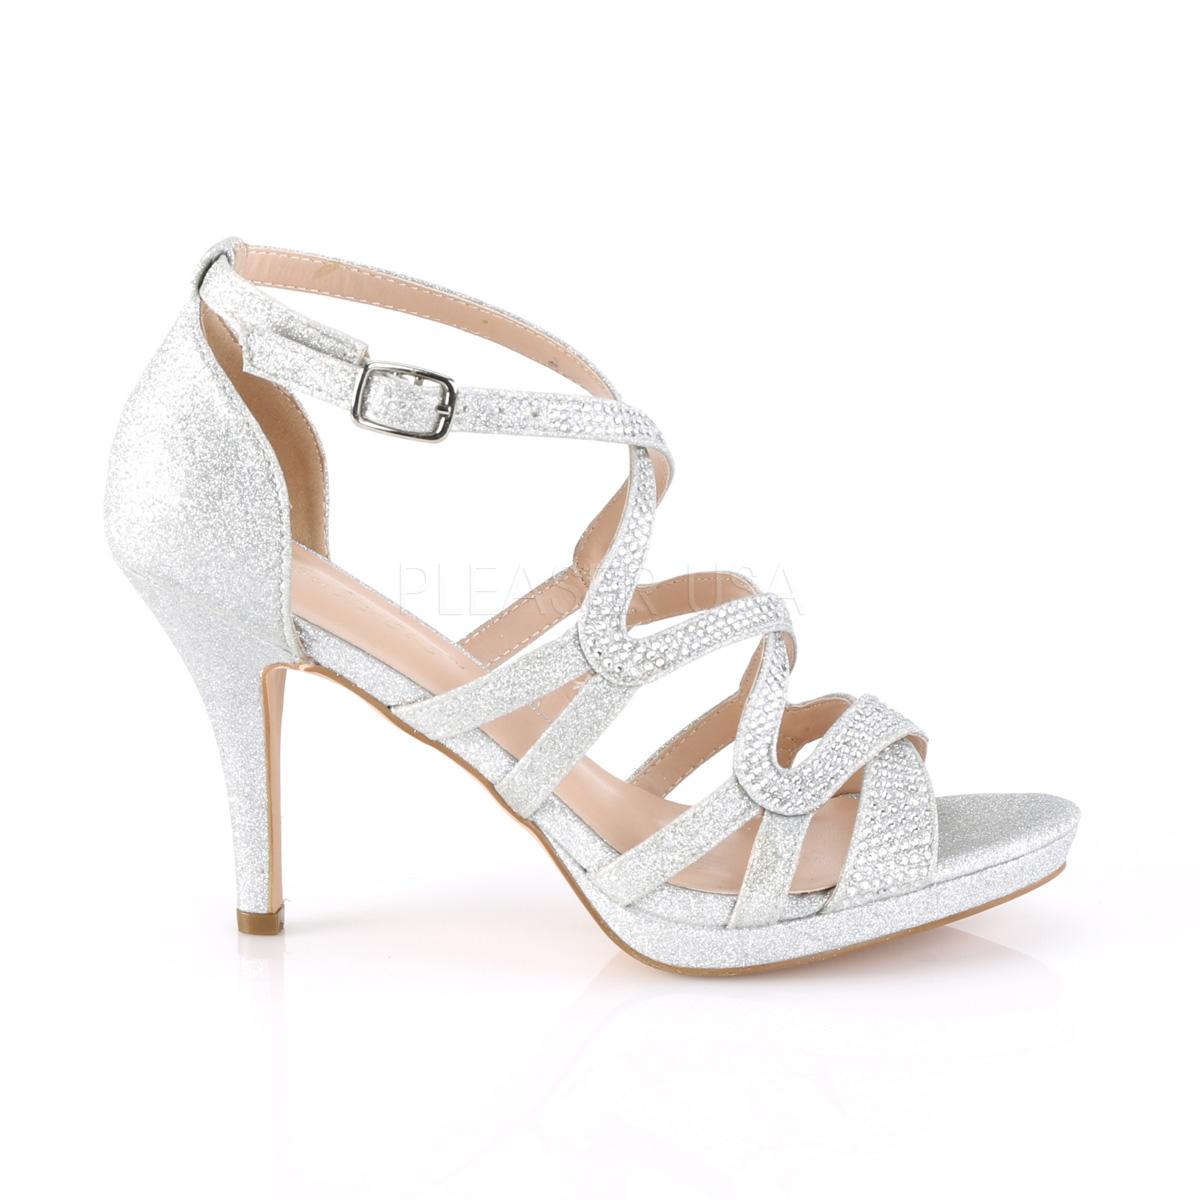 uk availability dda4f 40829 Silber 9,5 cm DAPHNE-42 Sandaletten mit stiletto absatz